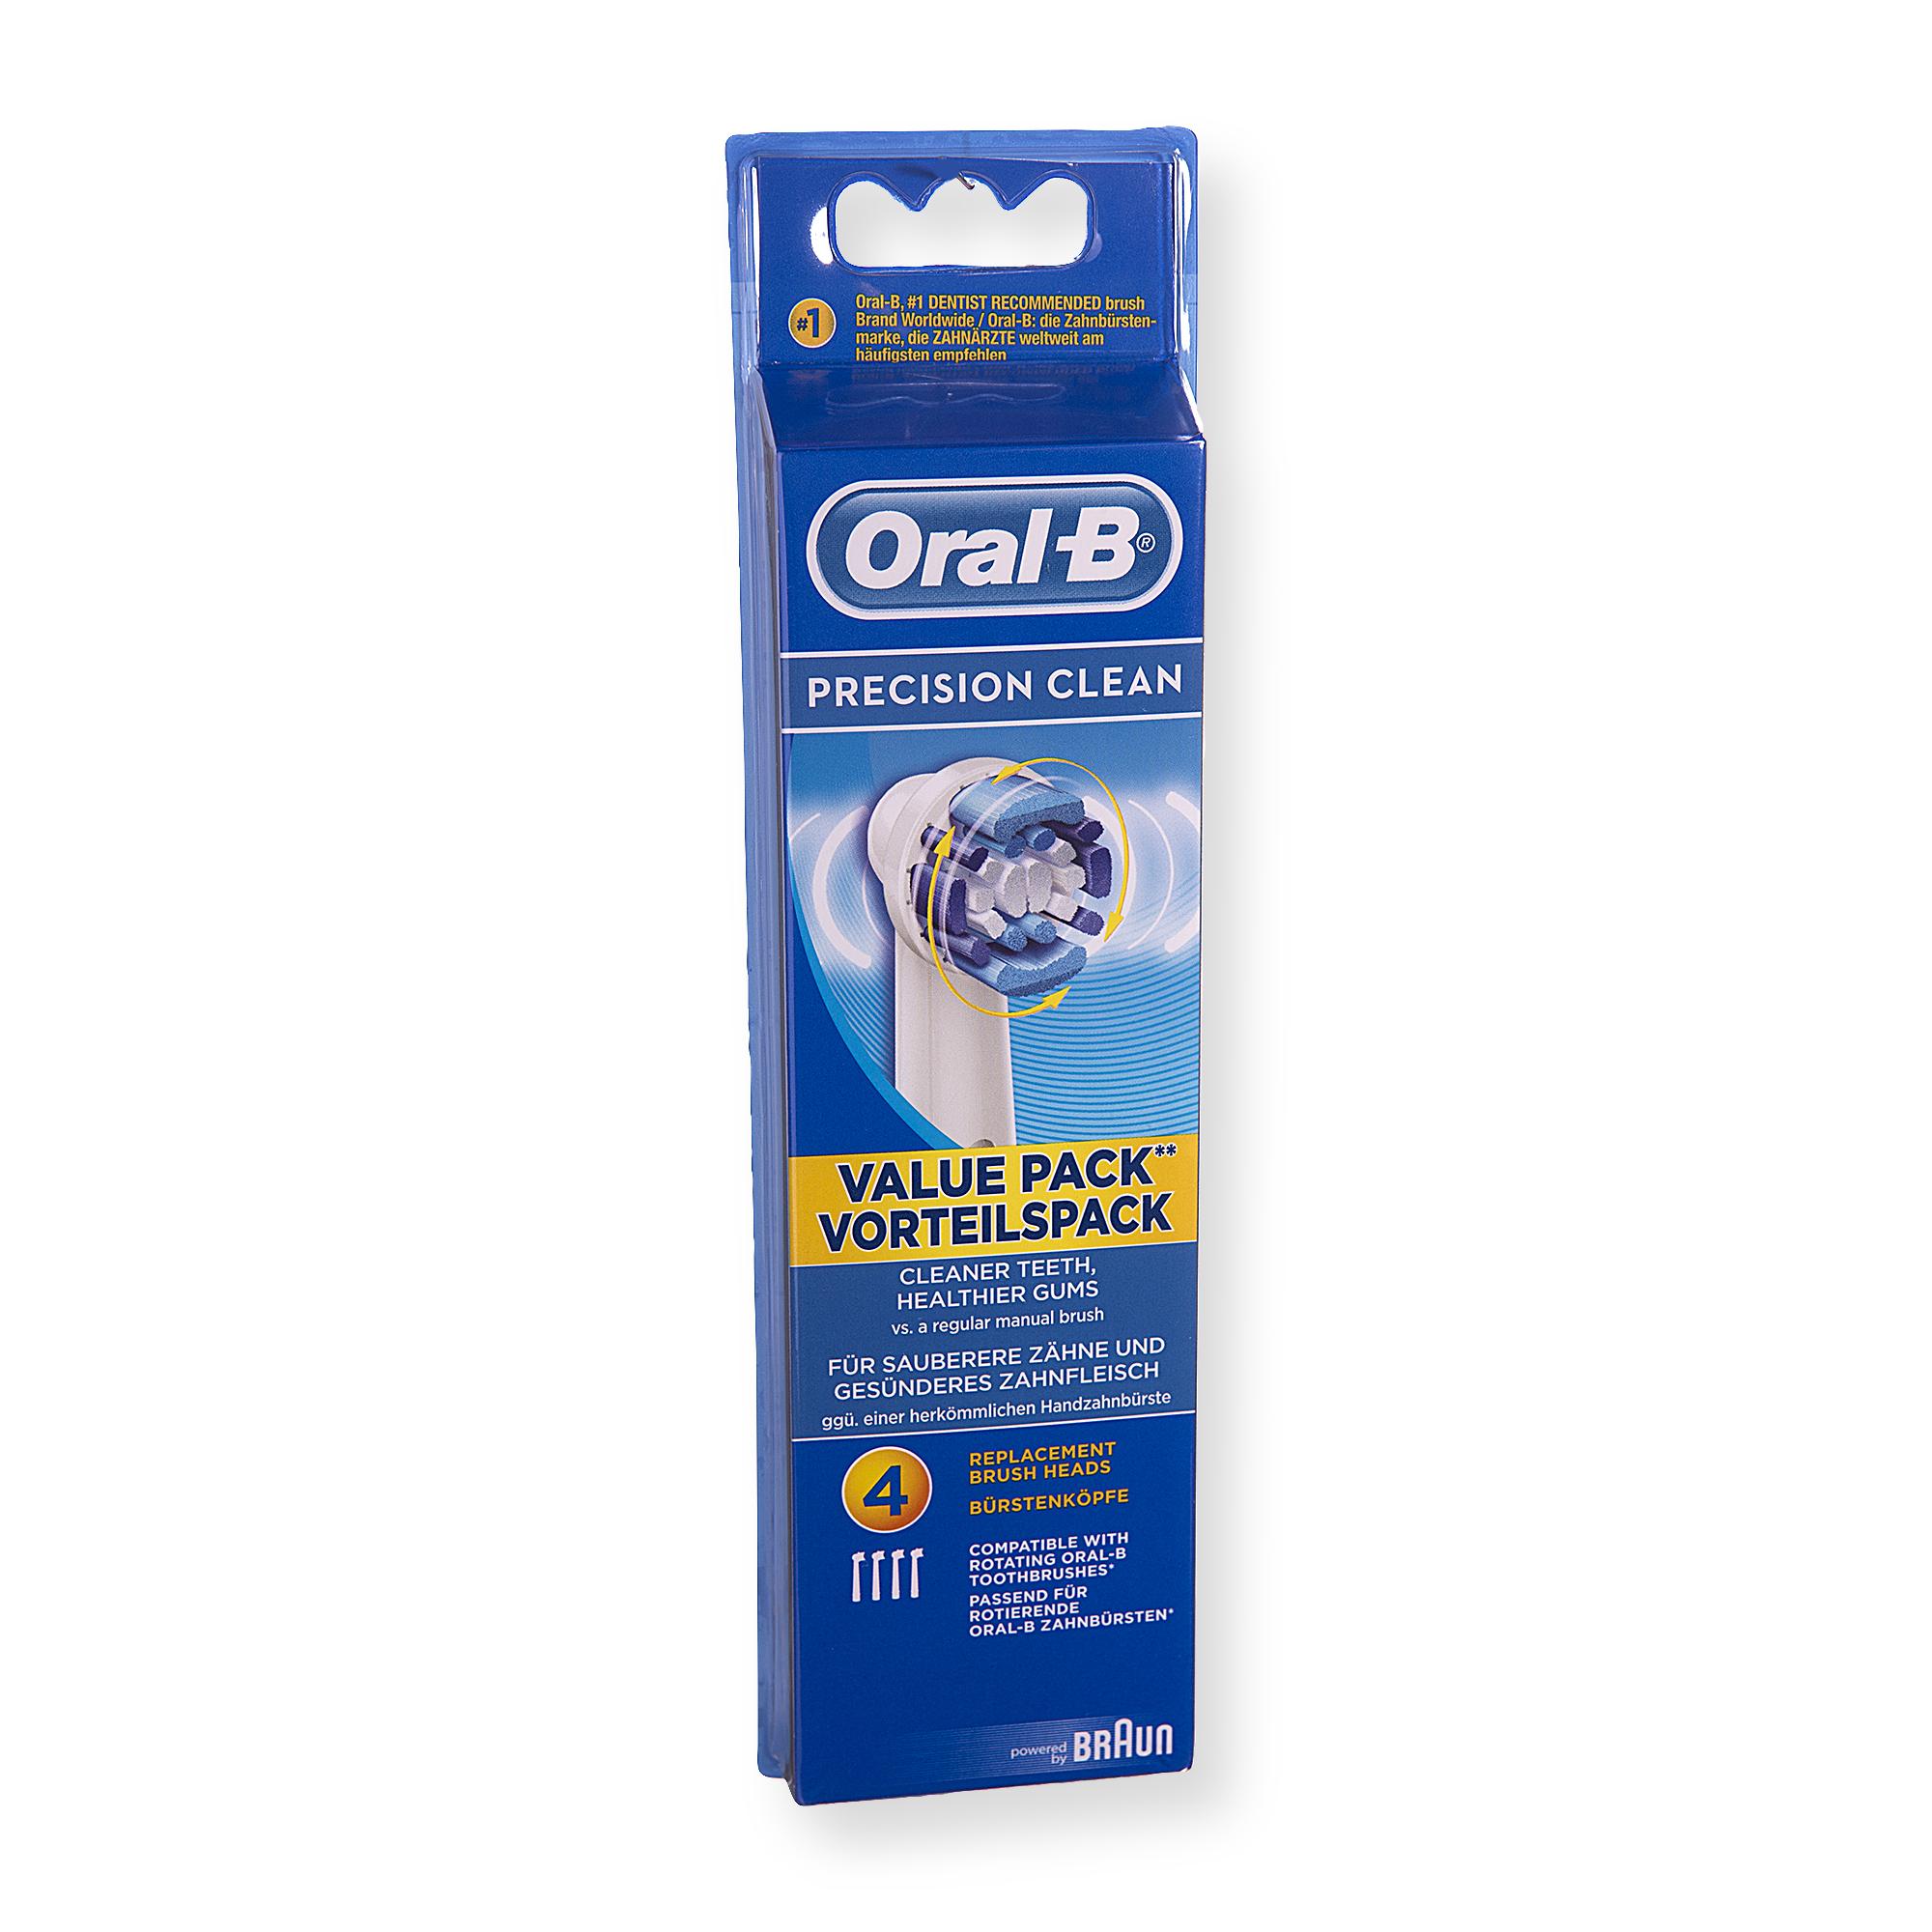 Oral-B tandenborstels (Precision Clean A4) 80251119, EB20-4